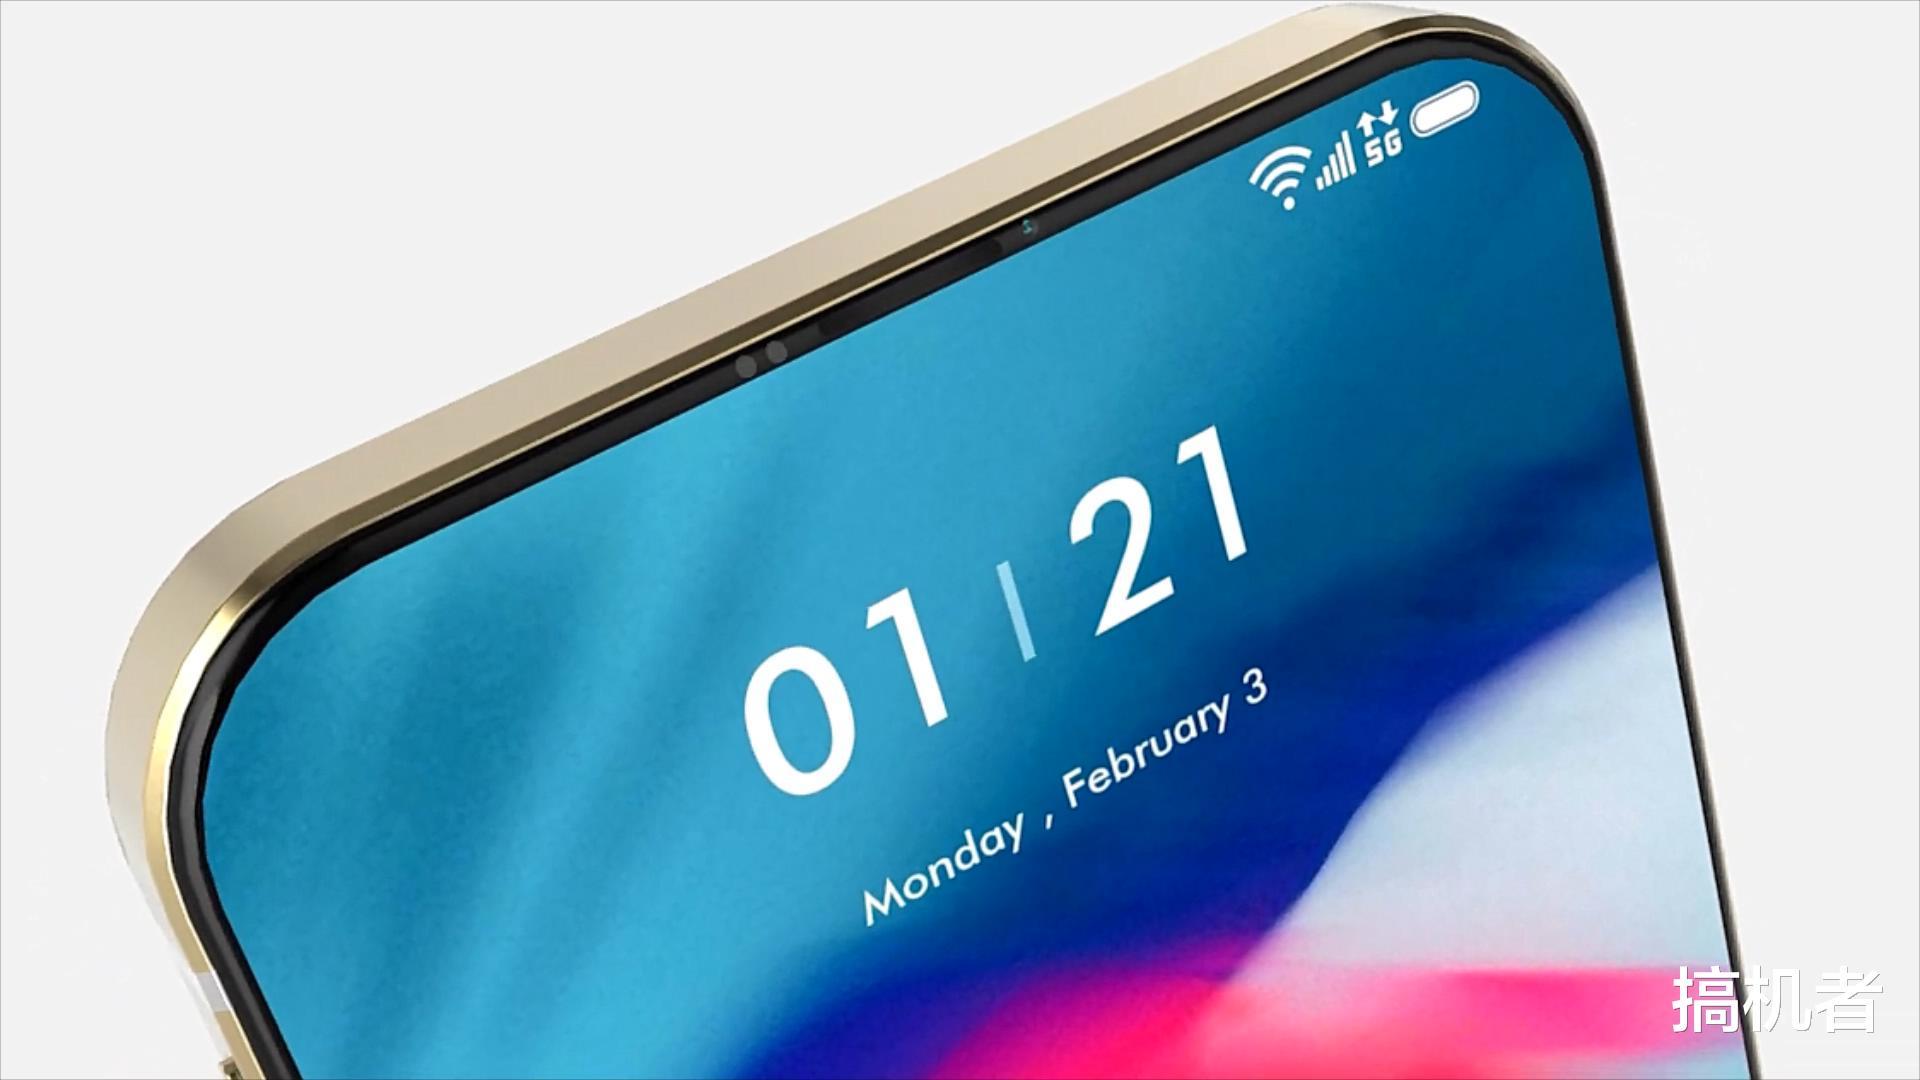 苹果首次为iPhone12Pro新增雷达激光扫描仪配1200 好物资讯 第2张